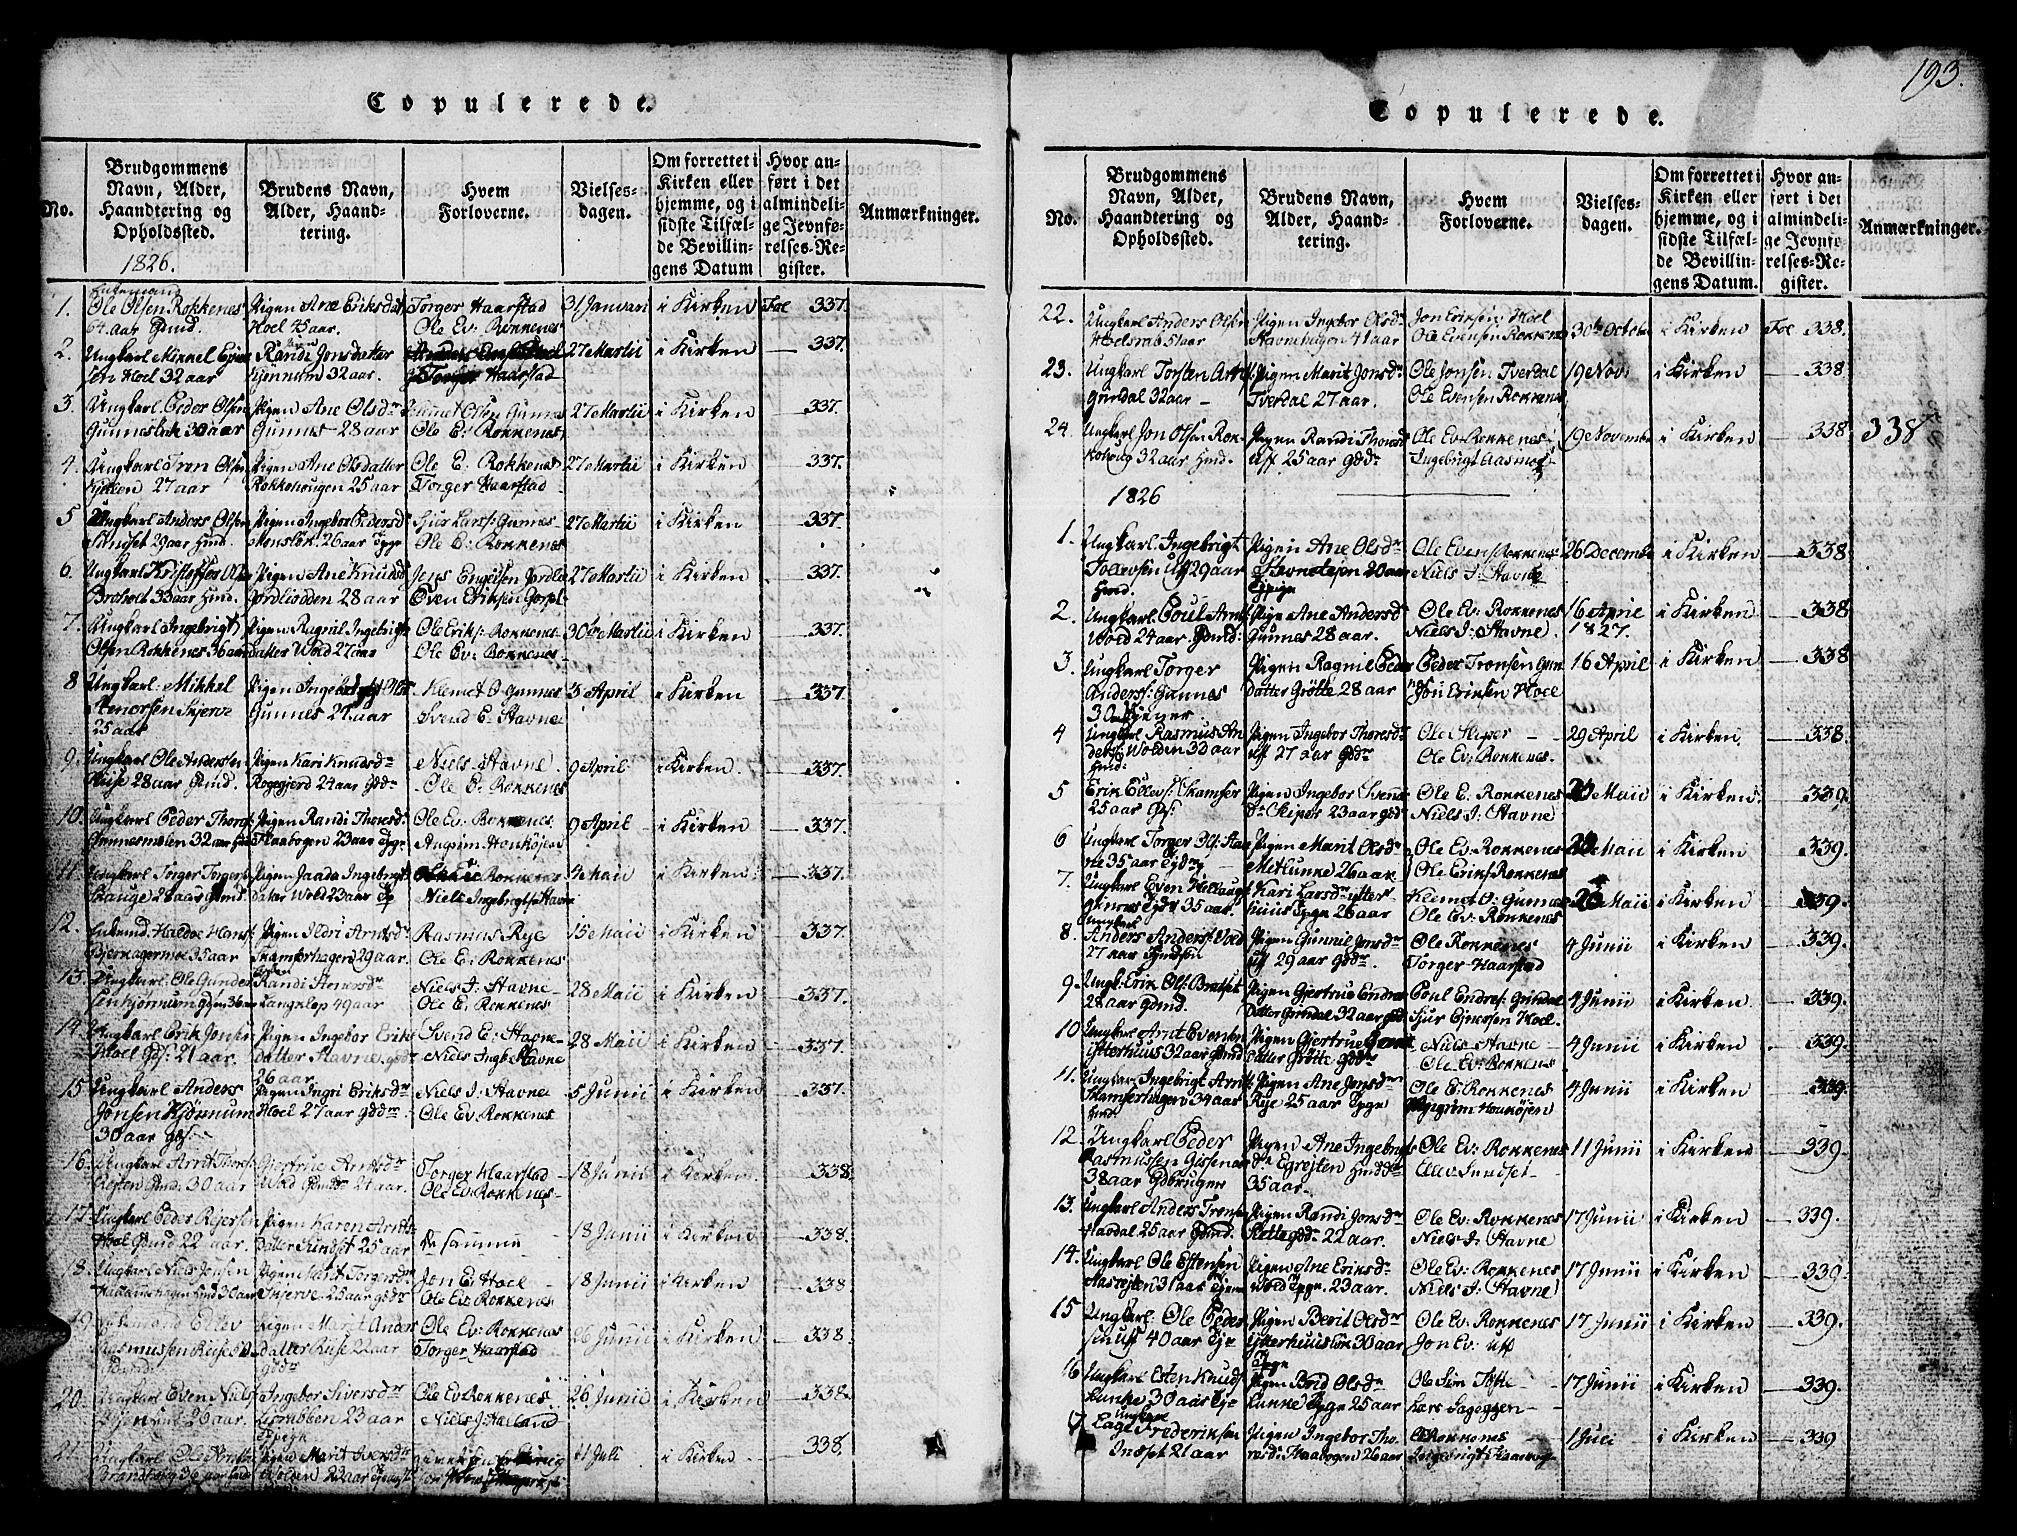 SAT, Ministerialprotokoller, klokkerbøker og fødselsregistre - Sør-Trøndelag, 674/L0874: Klokkerbok nr. 674C01, 1816-1860, s. 193